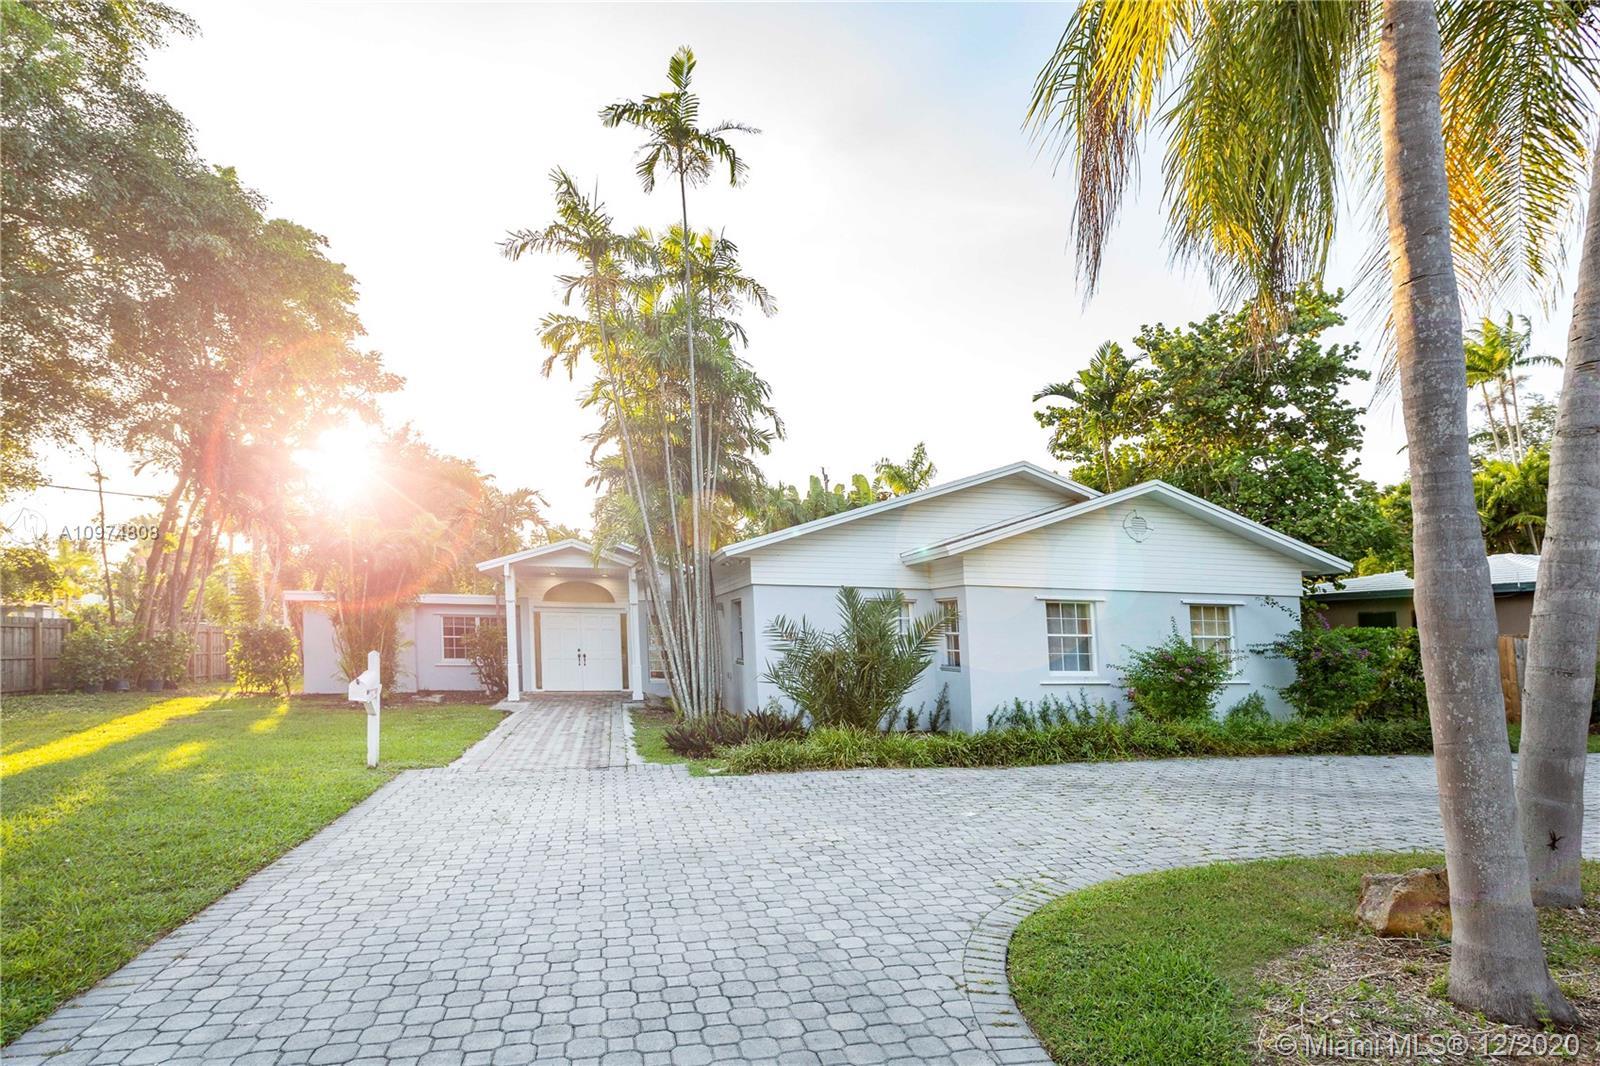 South Miami - 5451 SW 80th St, Miami, FL 33143